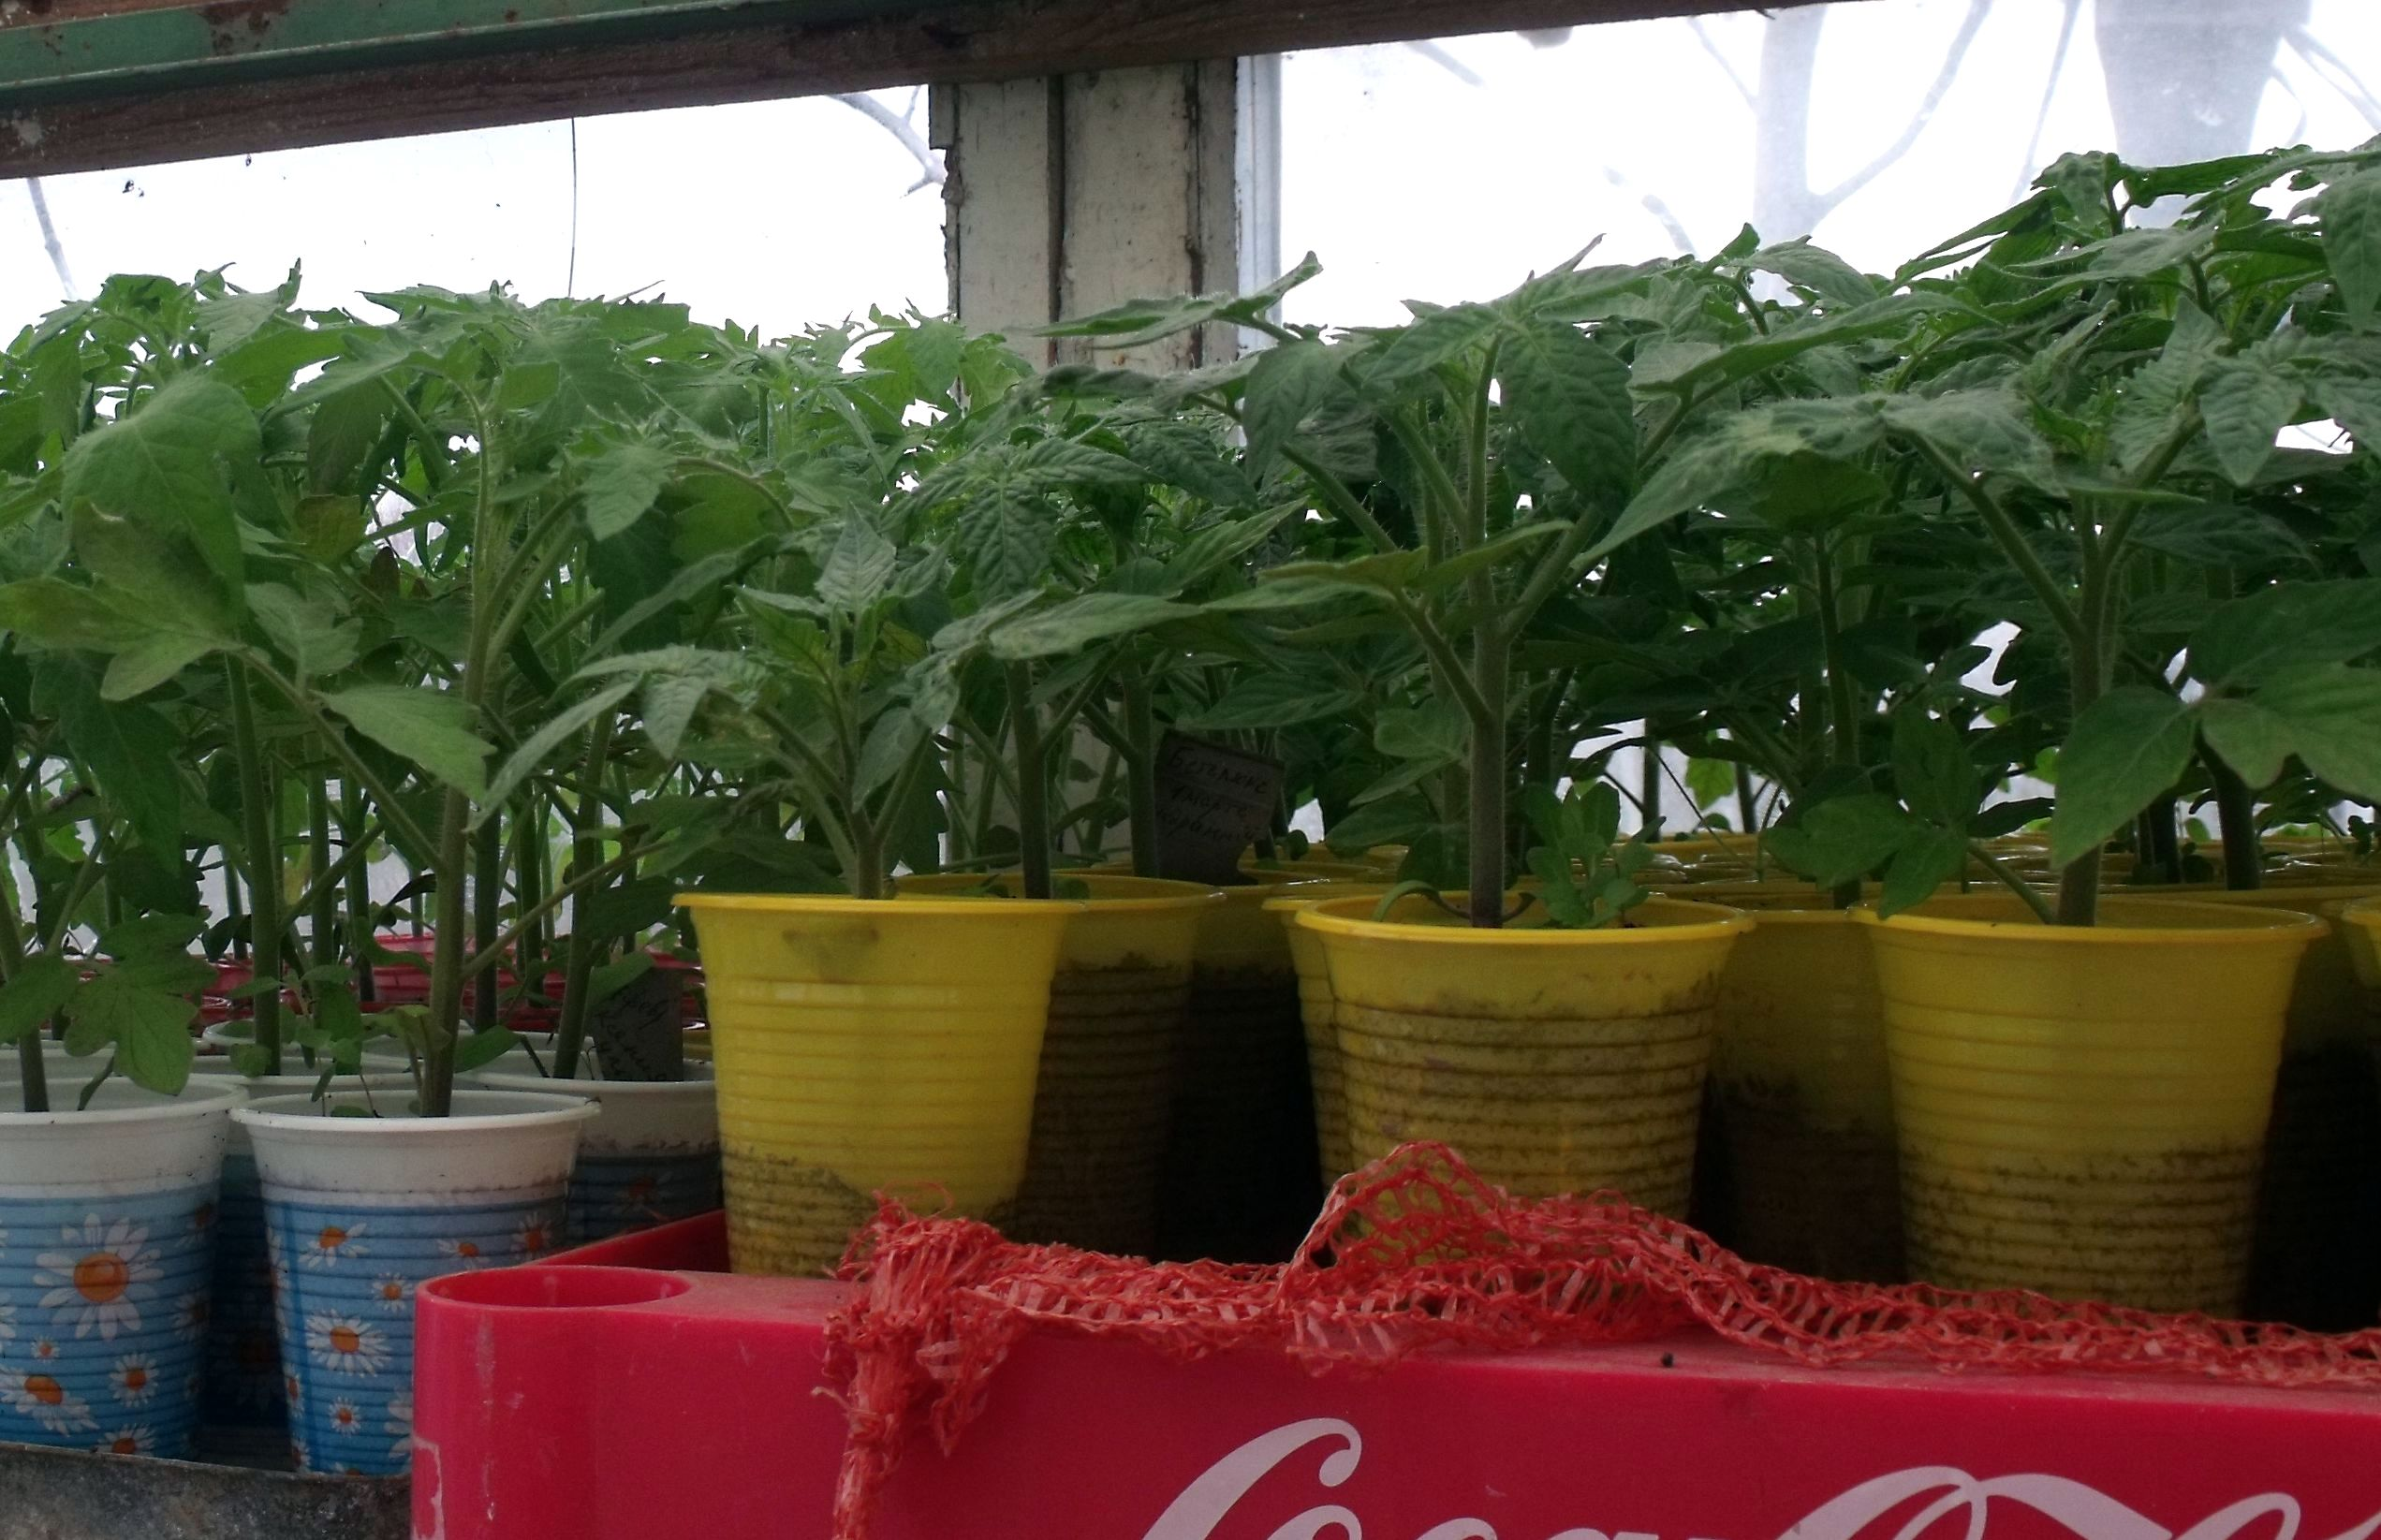 Рассада помидор в домашних условиях: как вырастить рассаду 80